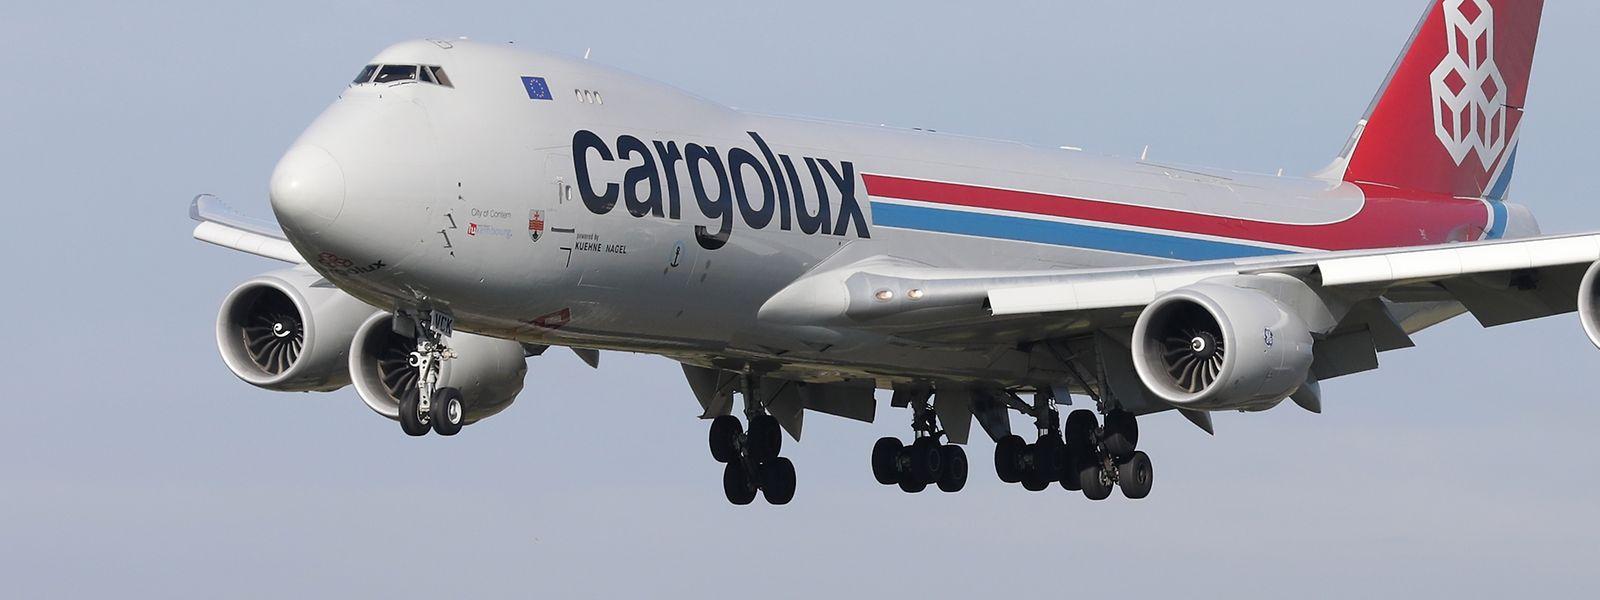 Cargolux zählt zu den treuen Kunden von Boeing.